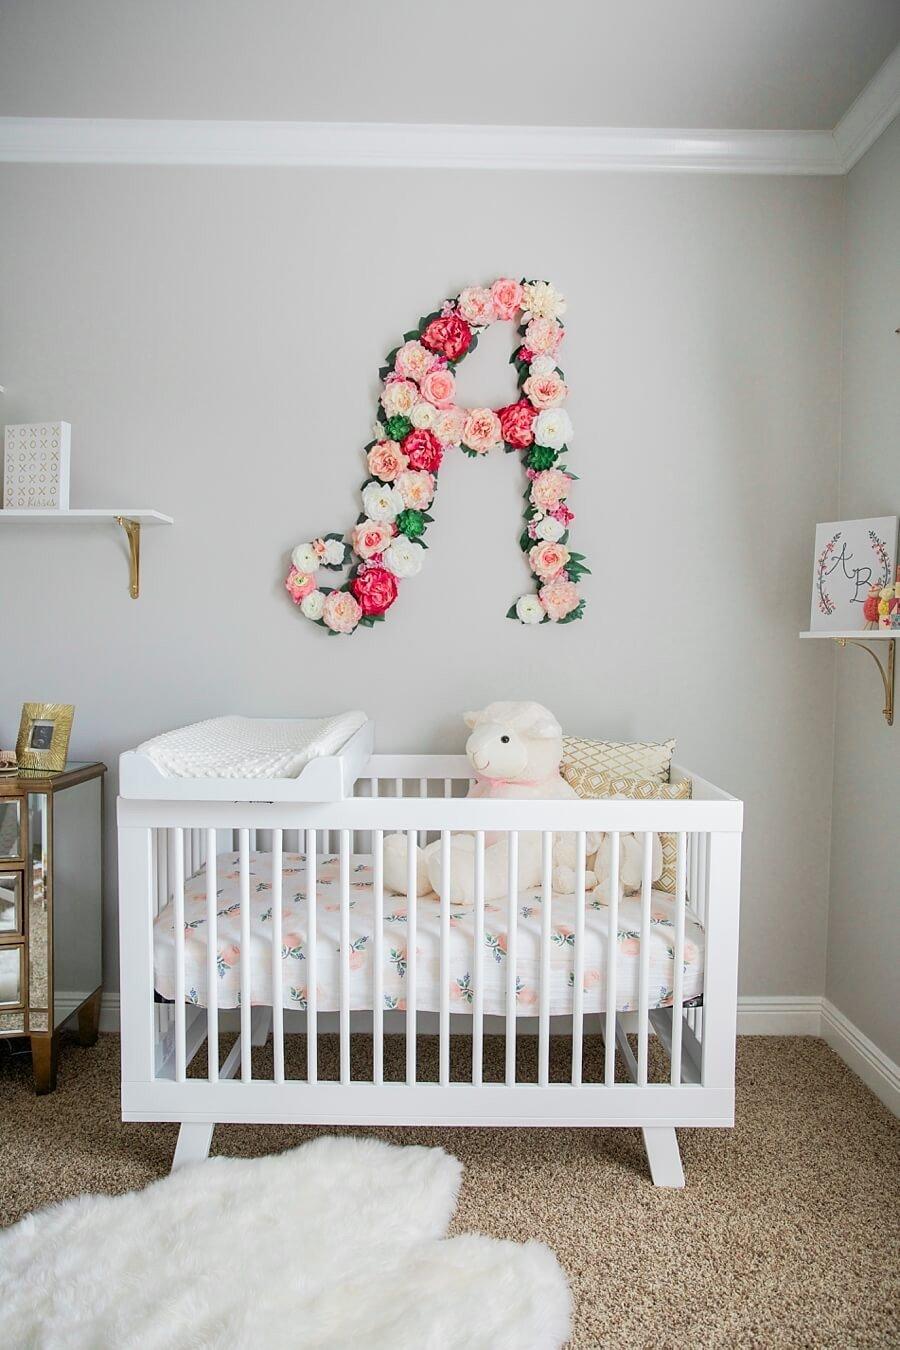 Baby Girl Nursery Decor Ideas Fresh 35 Best Nursery Decor Ideas and Designs for 2019